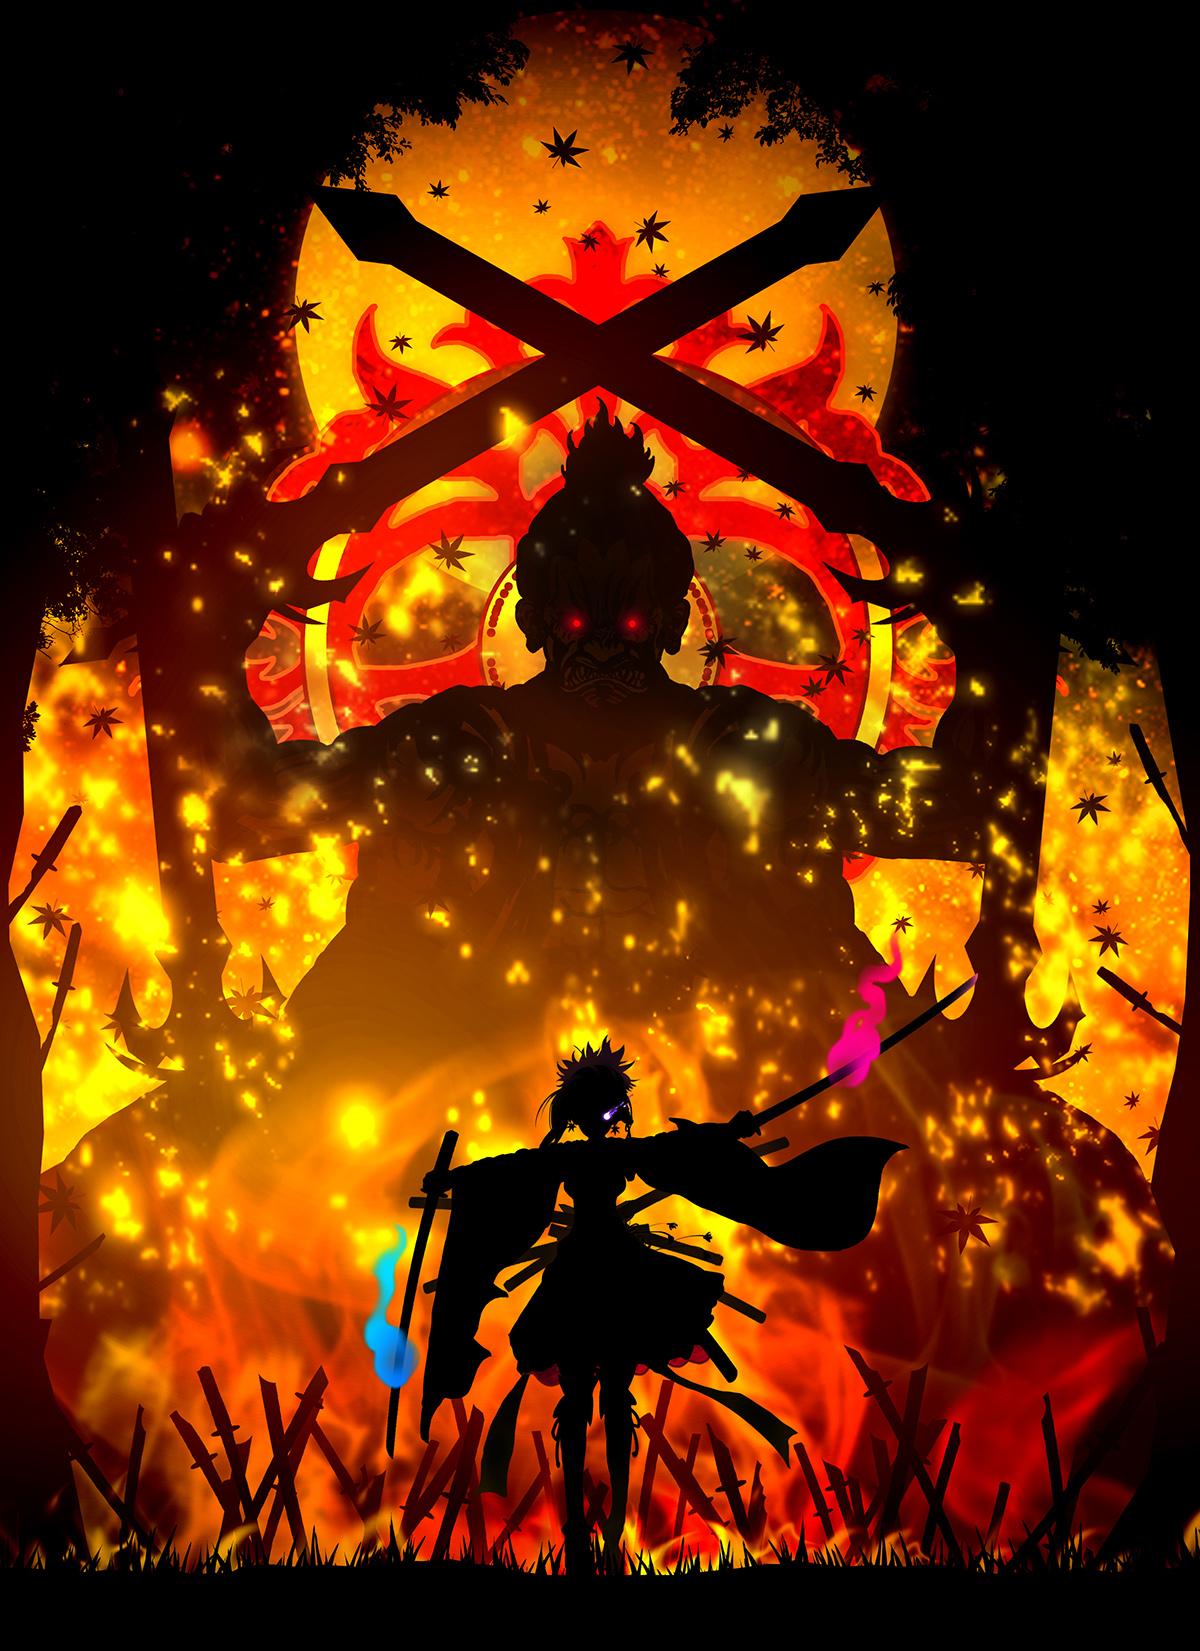 Saber Miyamoto Musashi Fate Grand Order Mobile Wallpaper 2360740 Zerochan Anime Image Board